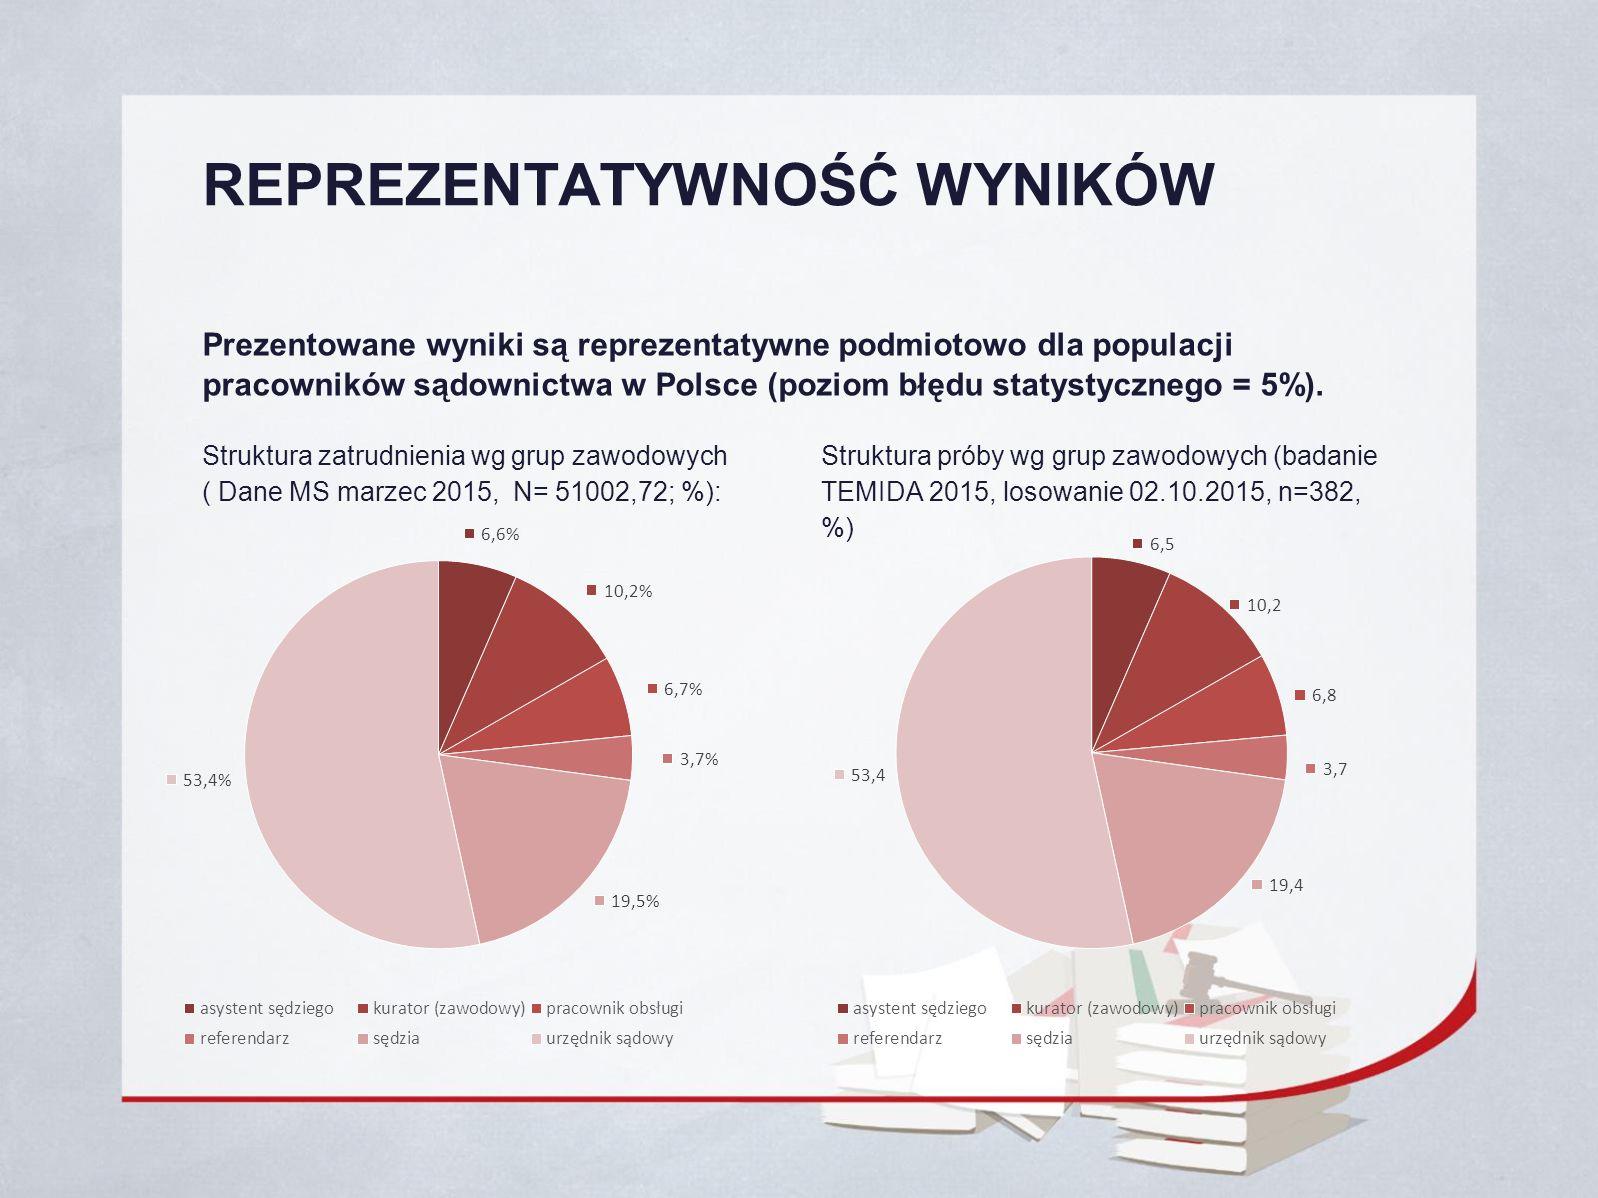 REPREZENTATYWNOŚĆ WYNIKÓW Prezentowane wyniki są reprezentatywne podmiotowo dla populacji pracowników sądownictwa w Polsce (poziom błędu statystycznego = 5%).